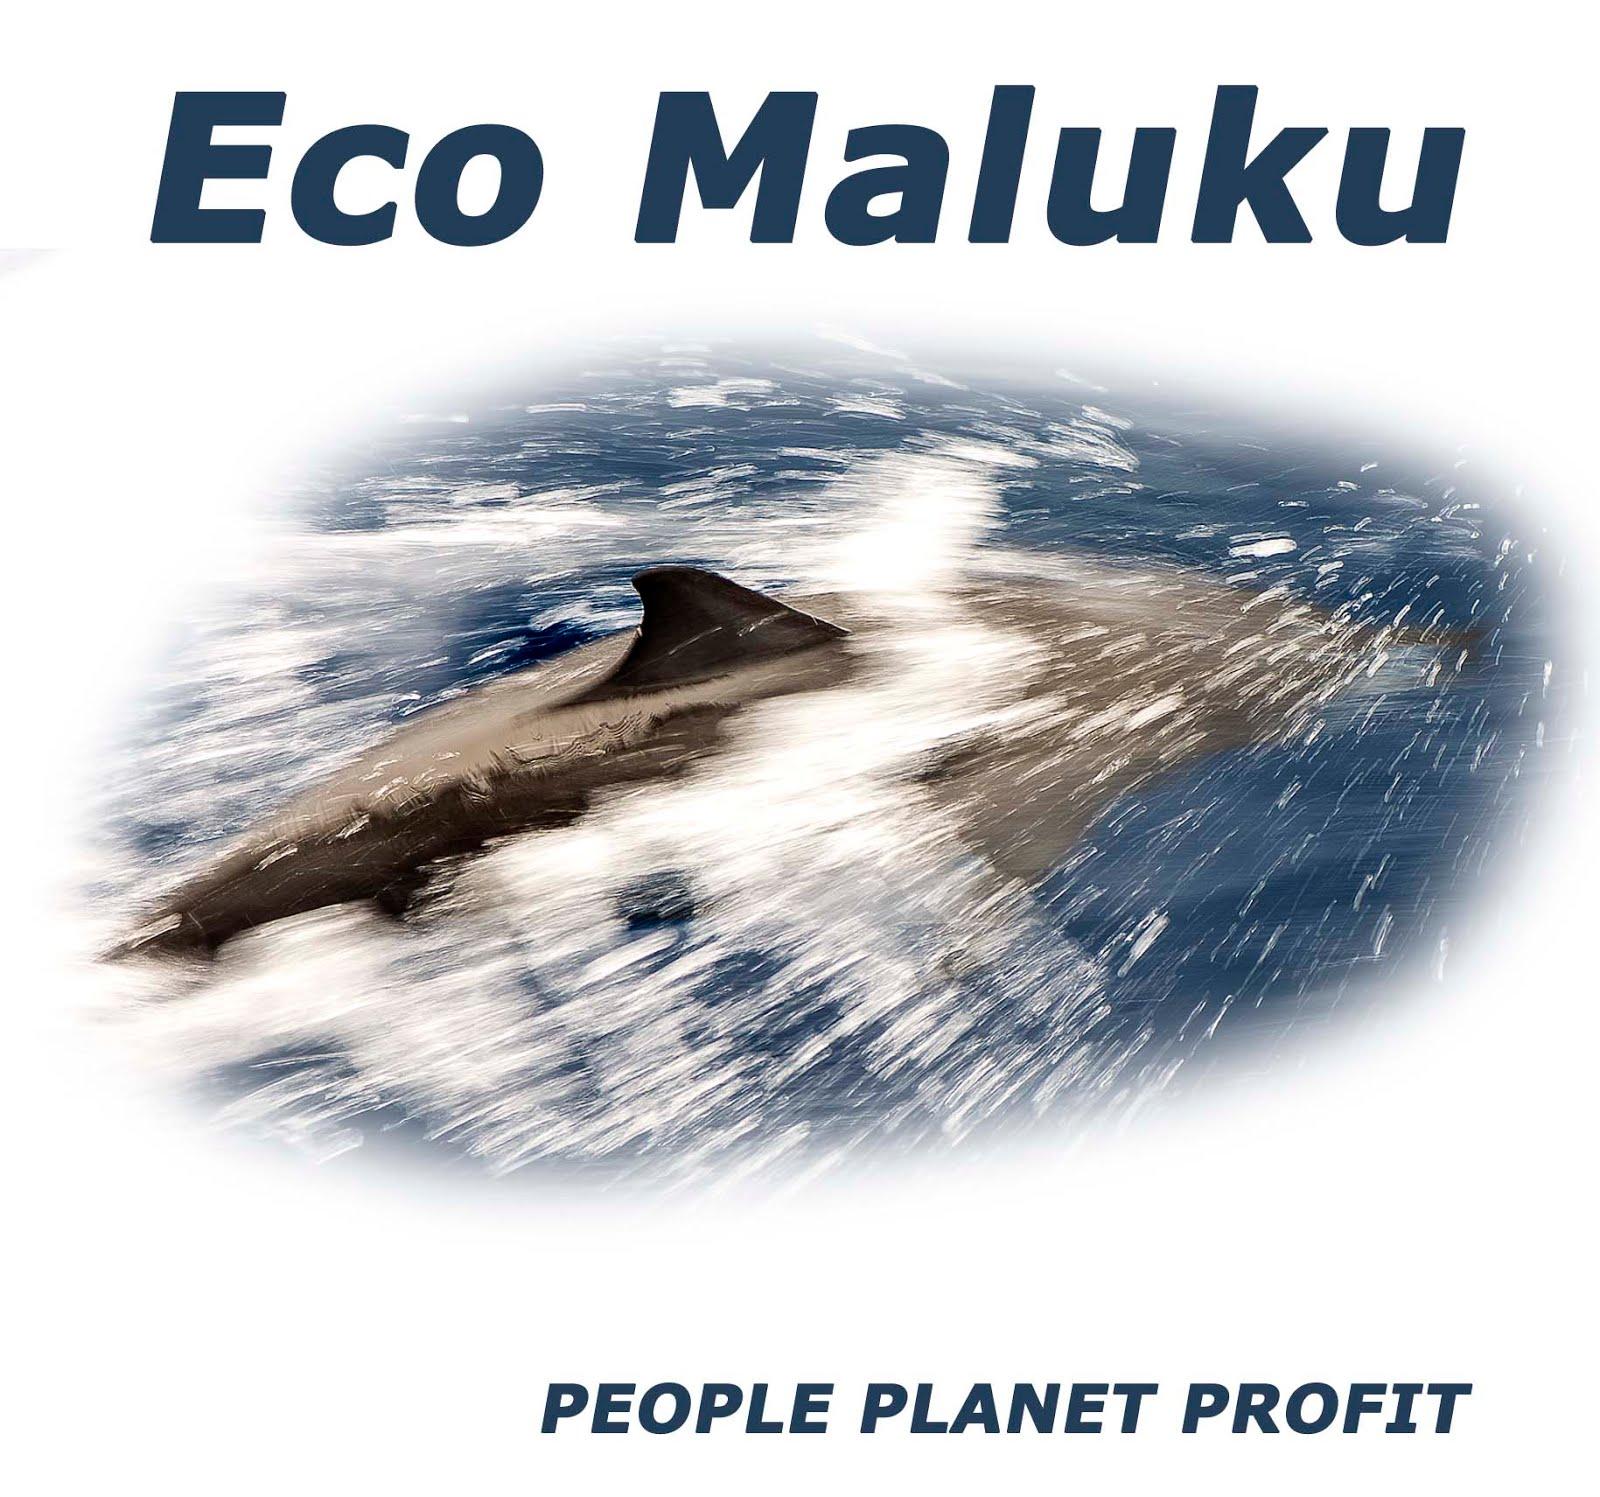 Eco Maluku